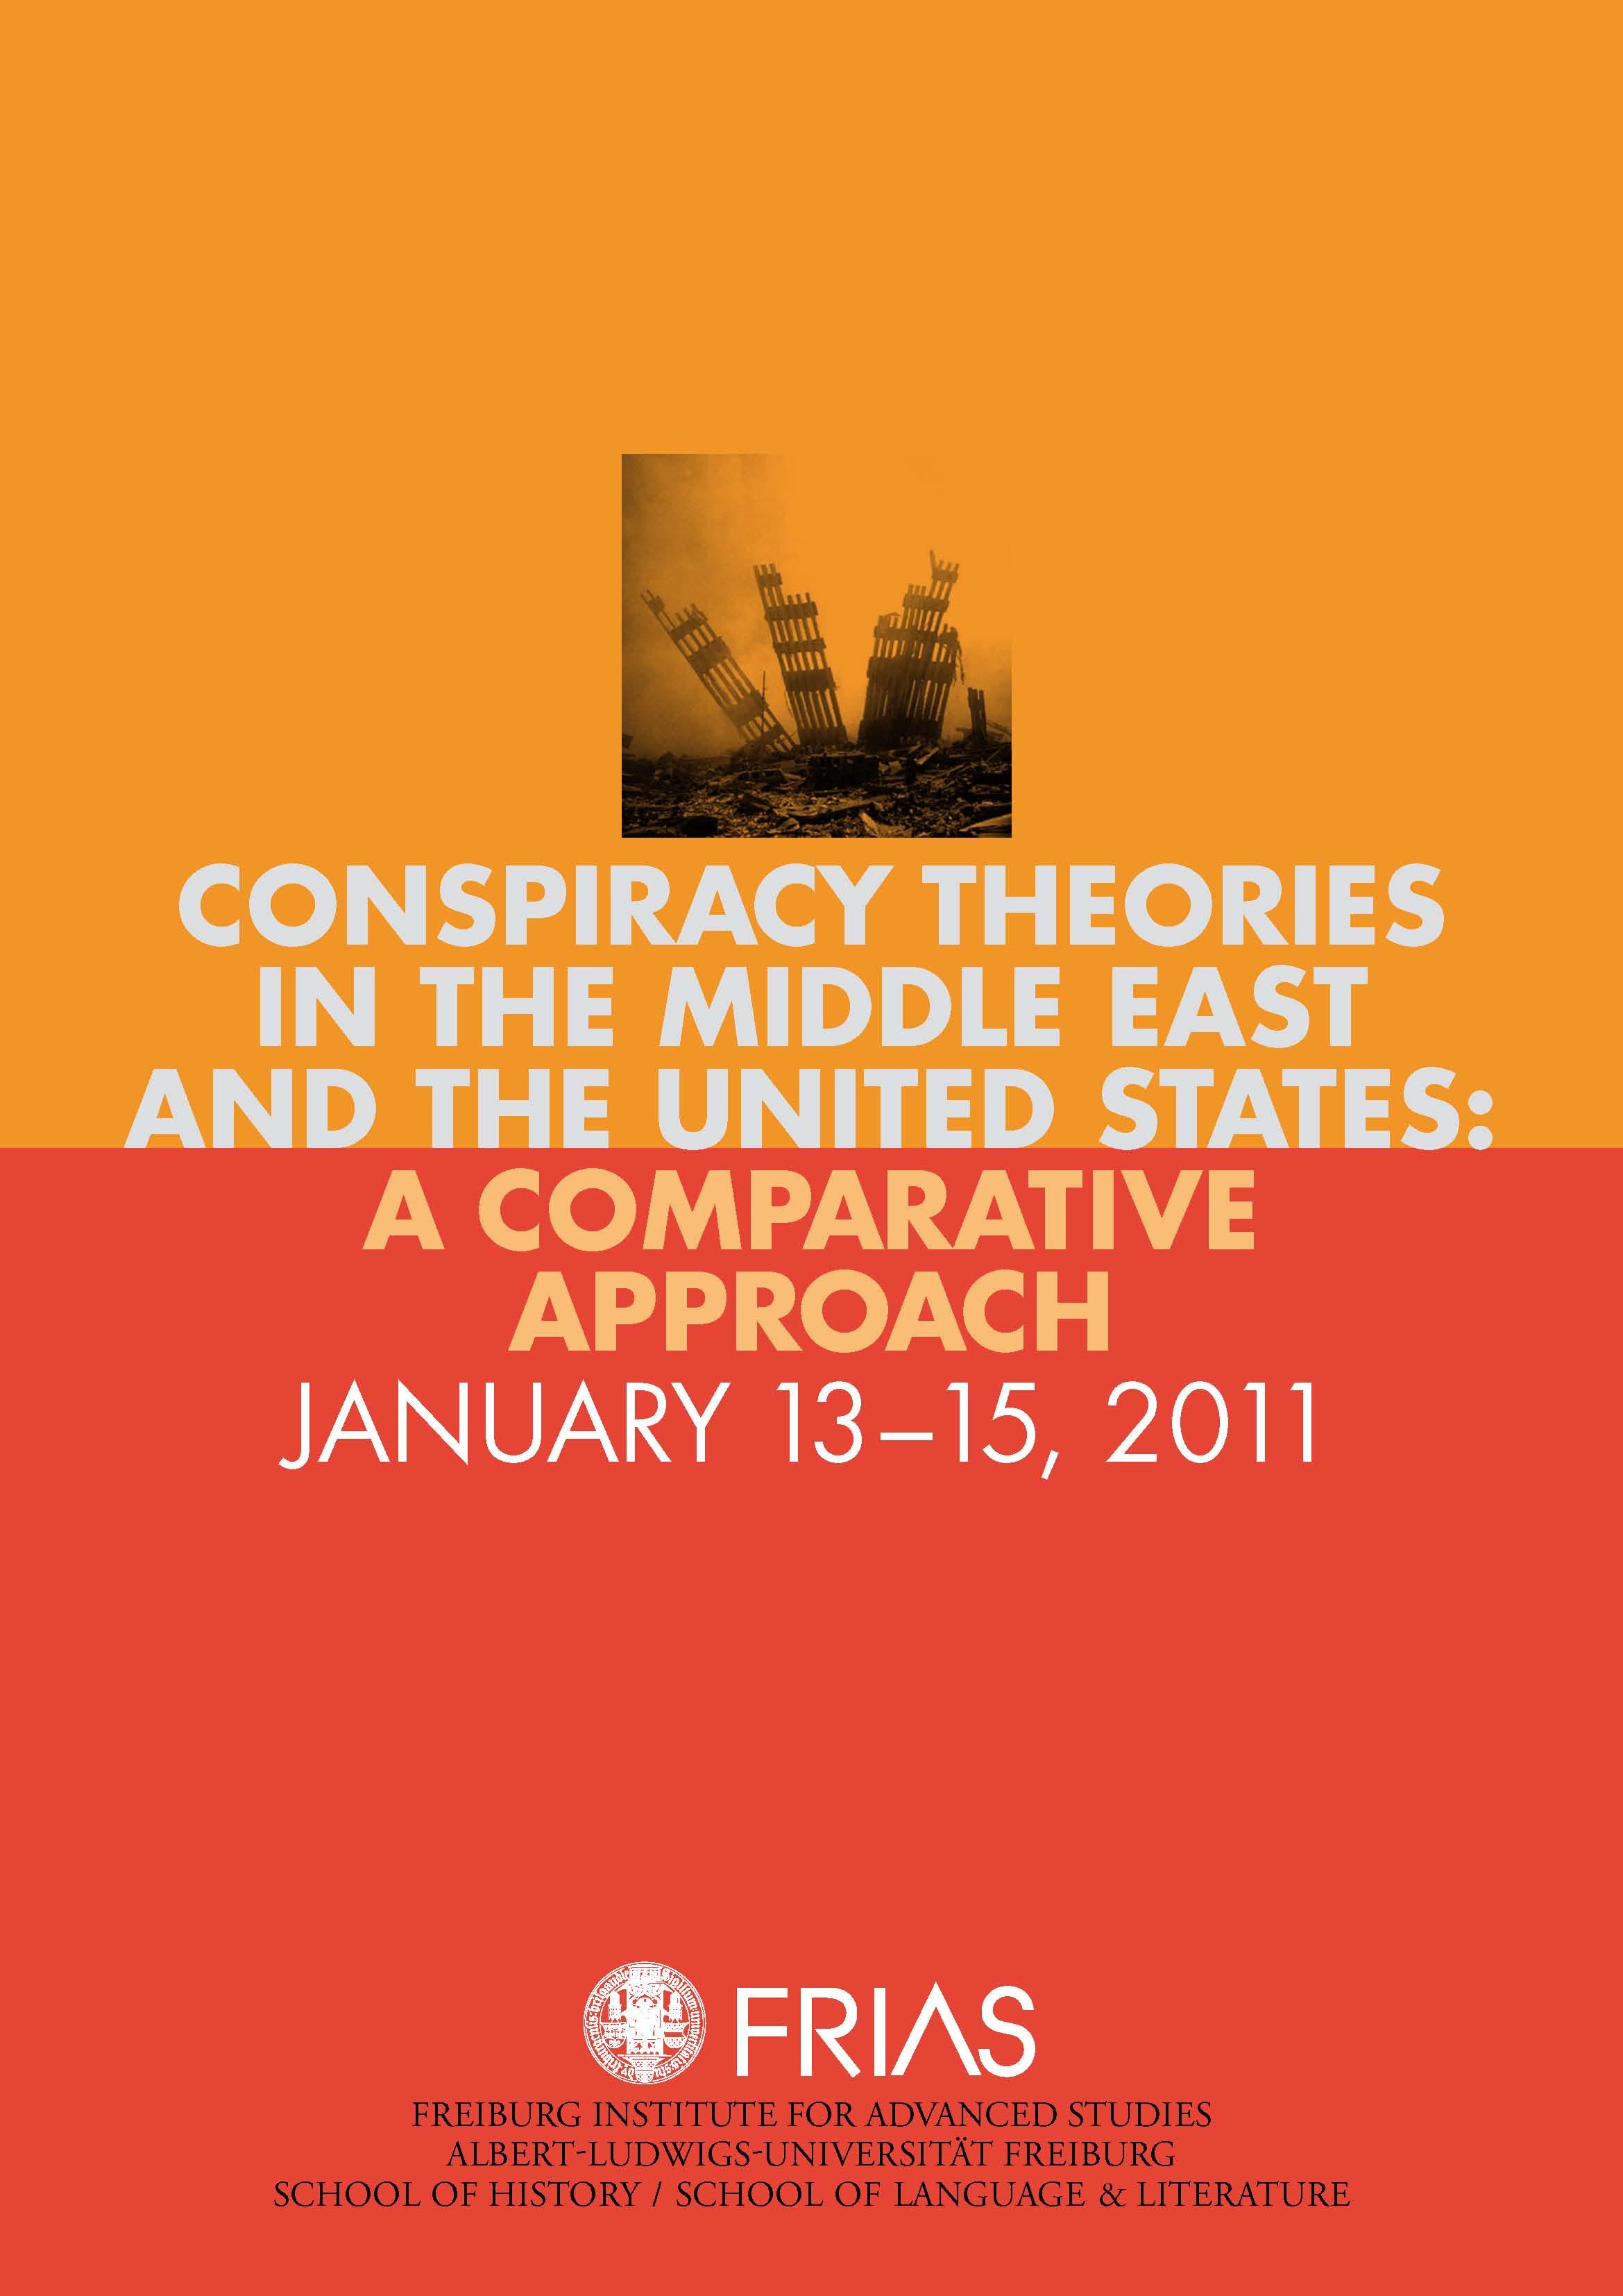 Tagung zu Verschwörungstheorien im Nahen und im Mittleren Osten sowie den USA